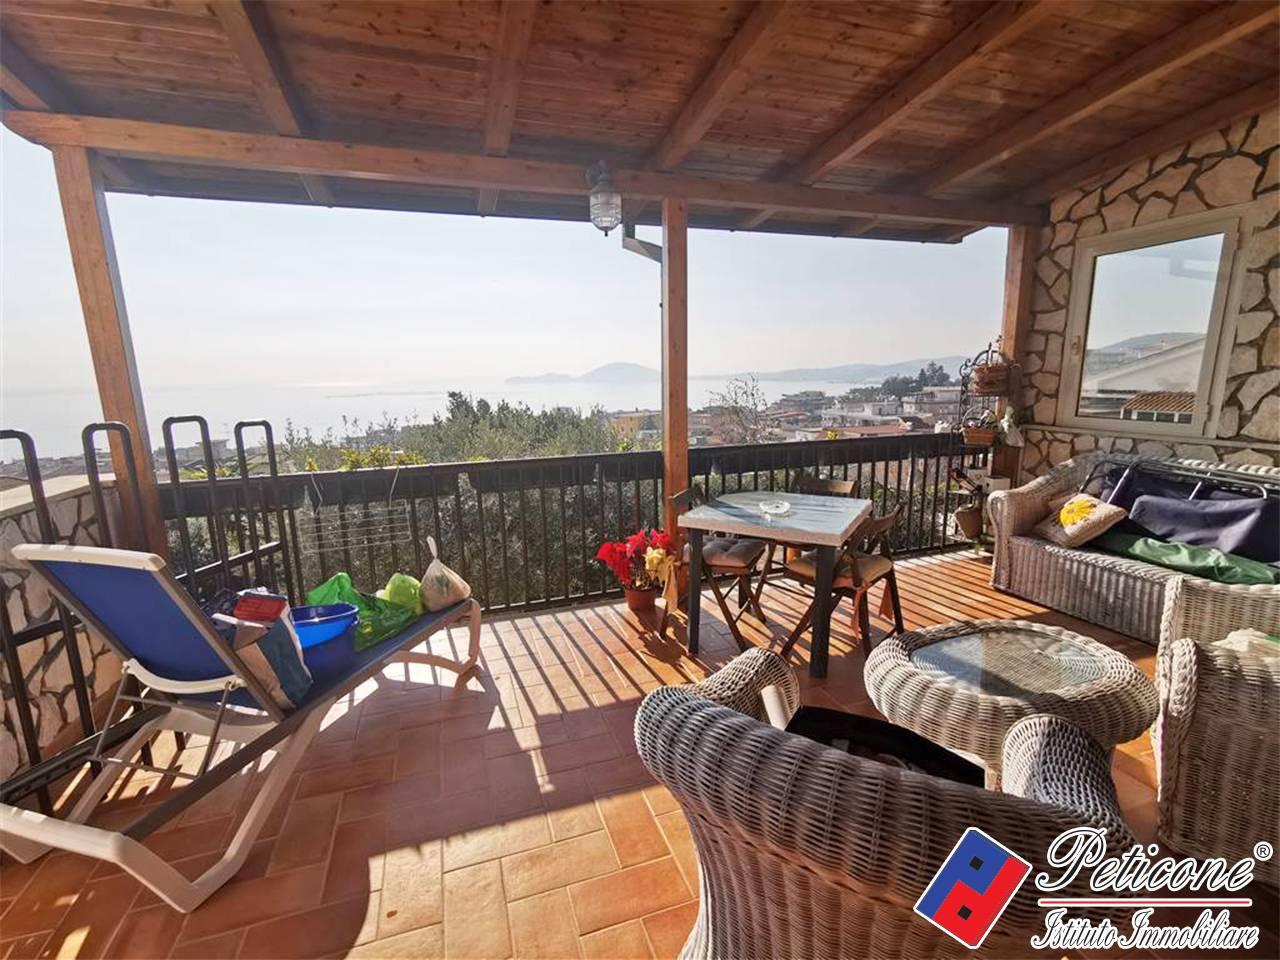 Villa in Vendita a Formia: 5 locali, 100 mq - Foto 2